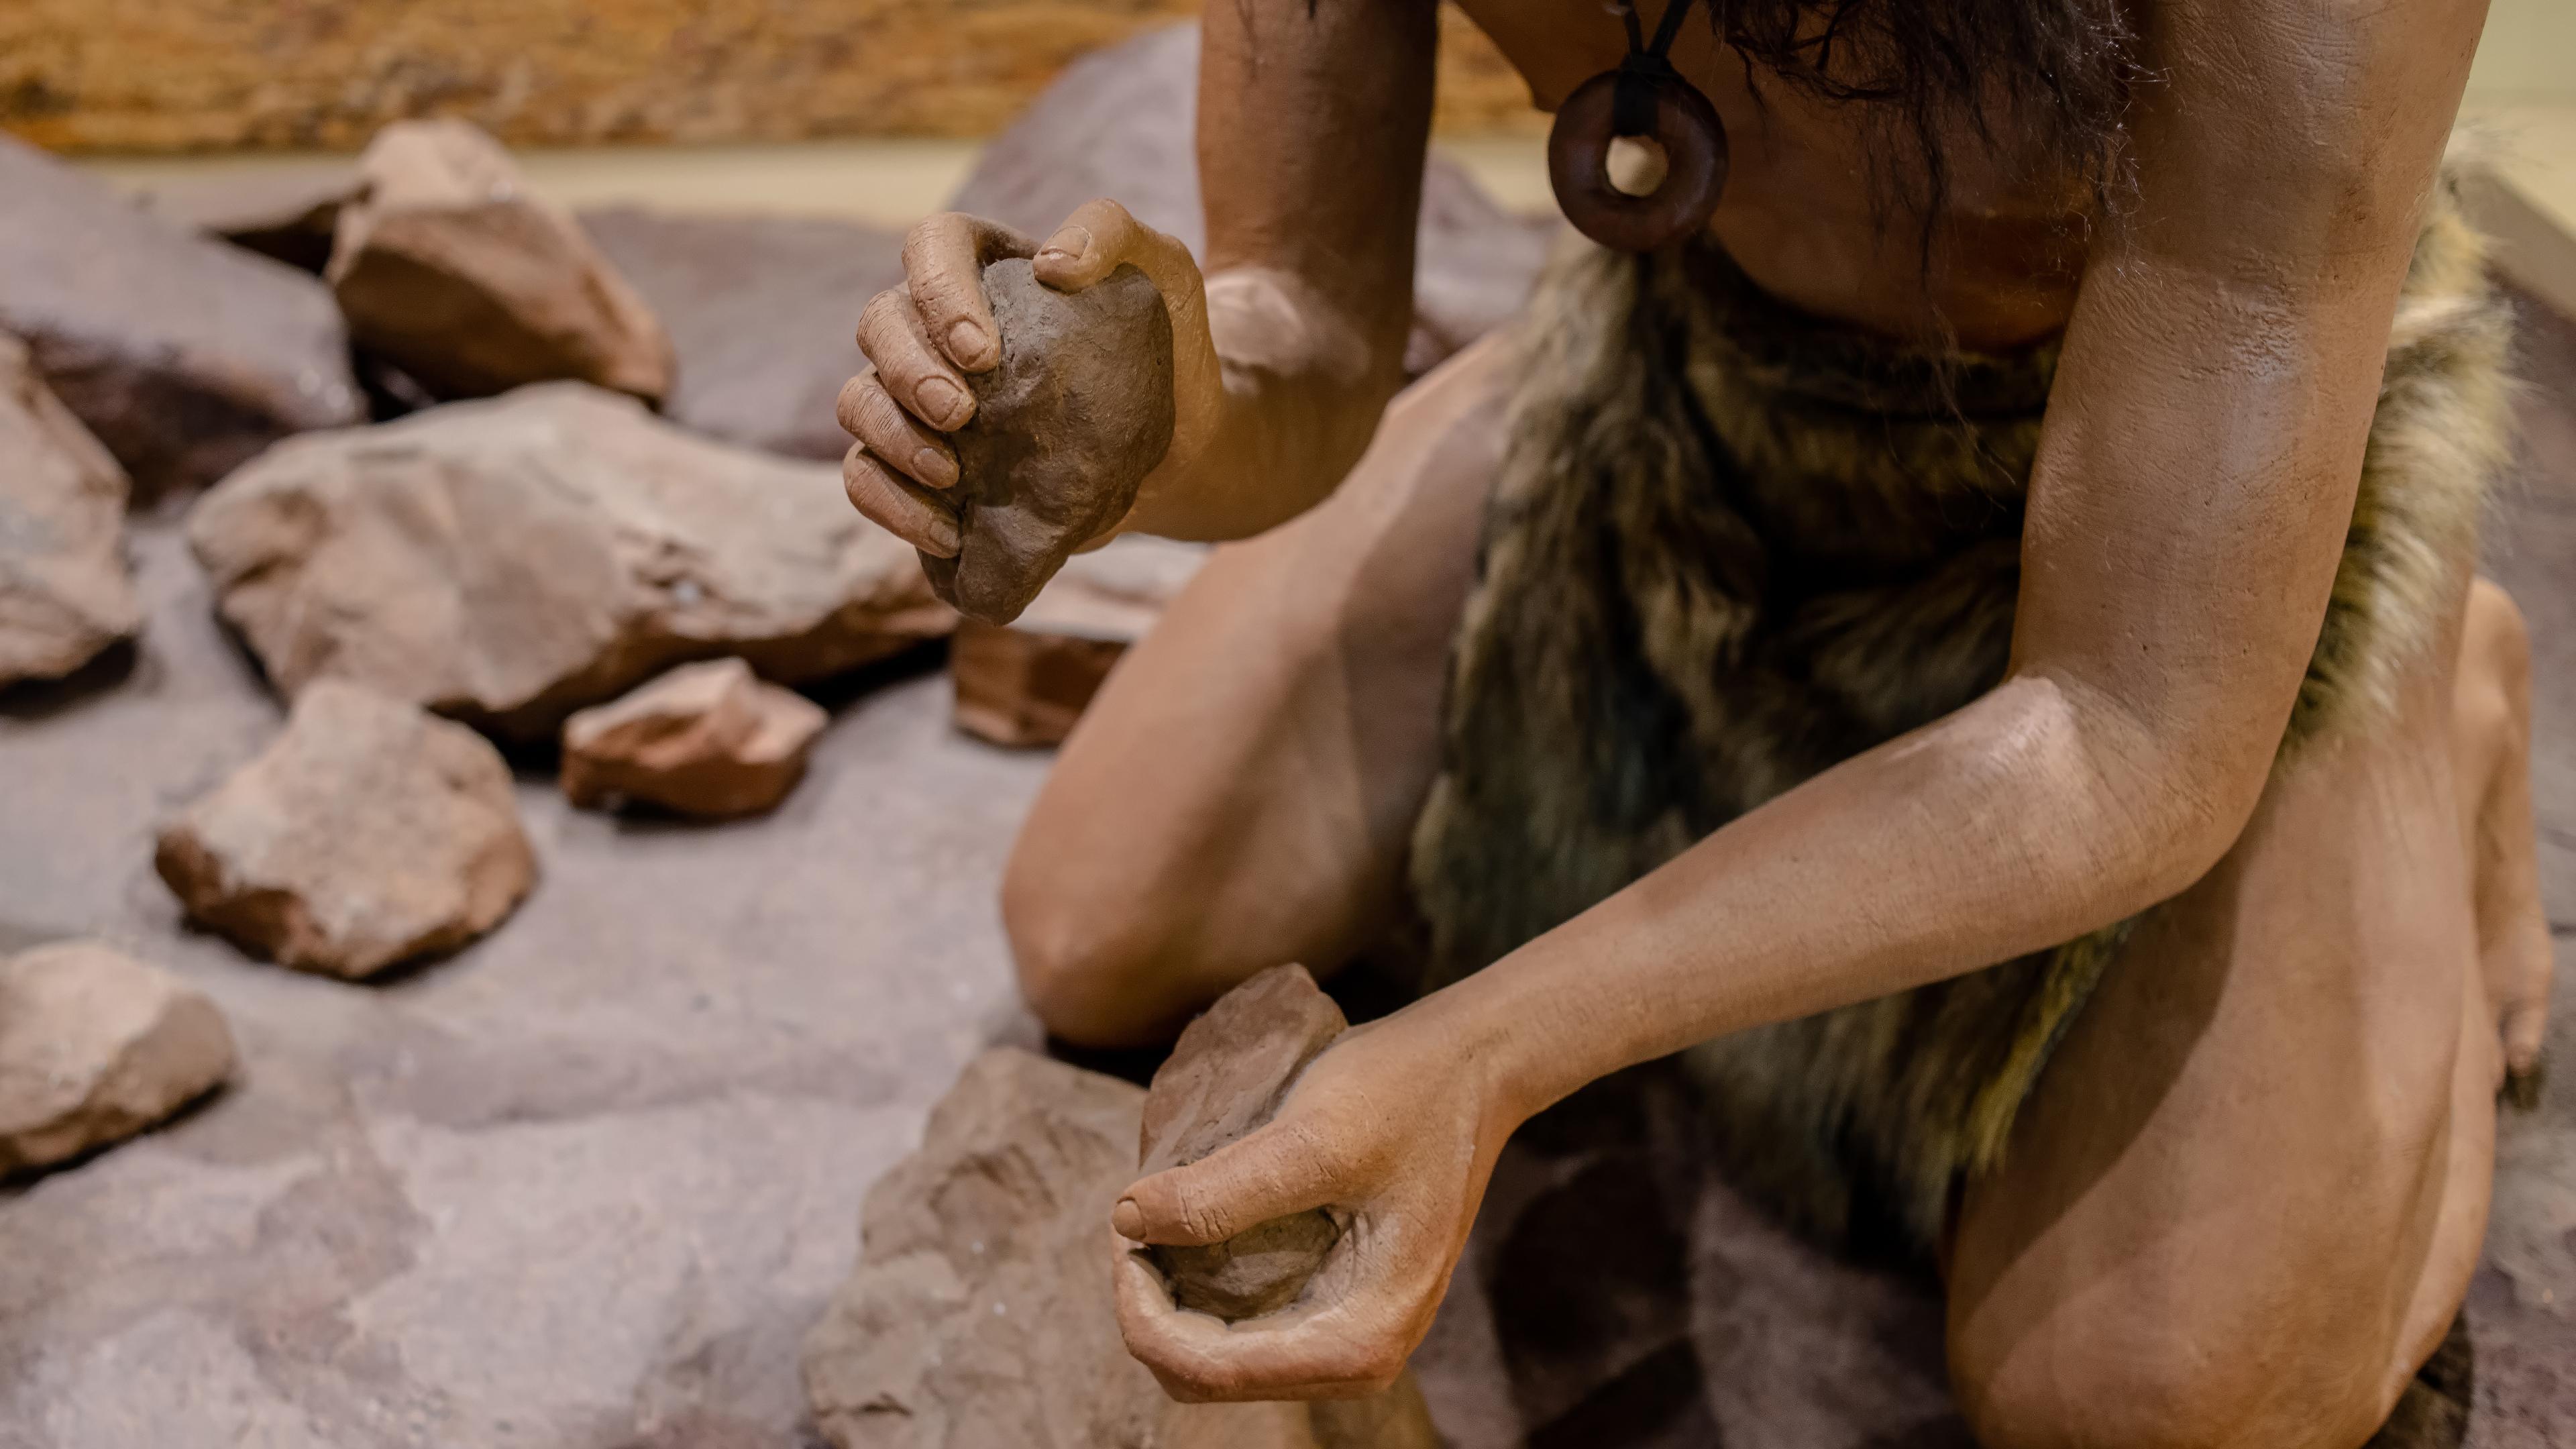 Неандертальцы, возможно, использовали те же технологии изготовления орудий, что и сапиенсы